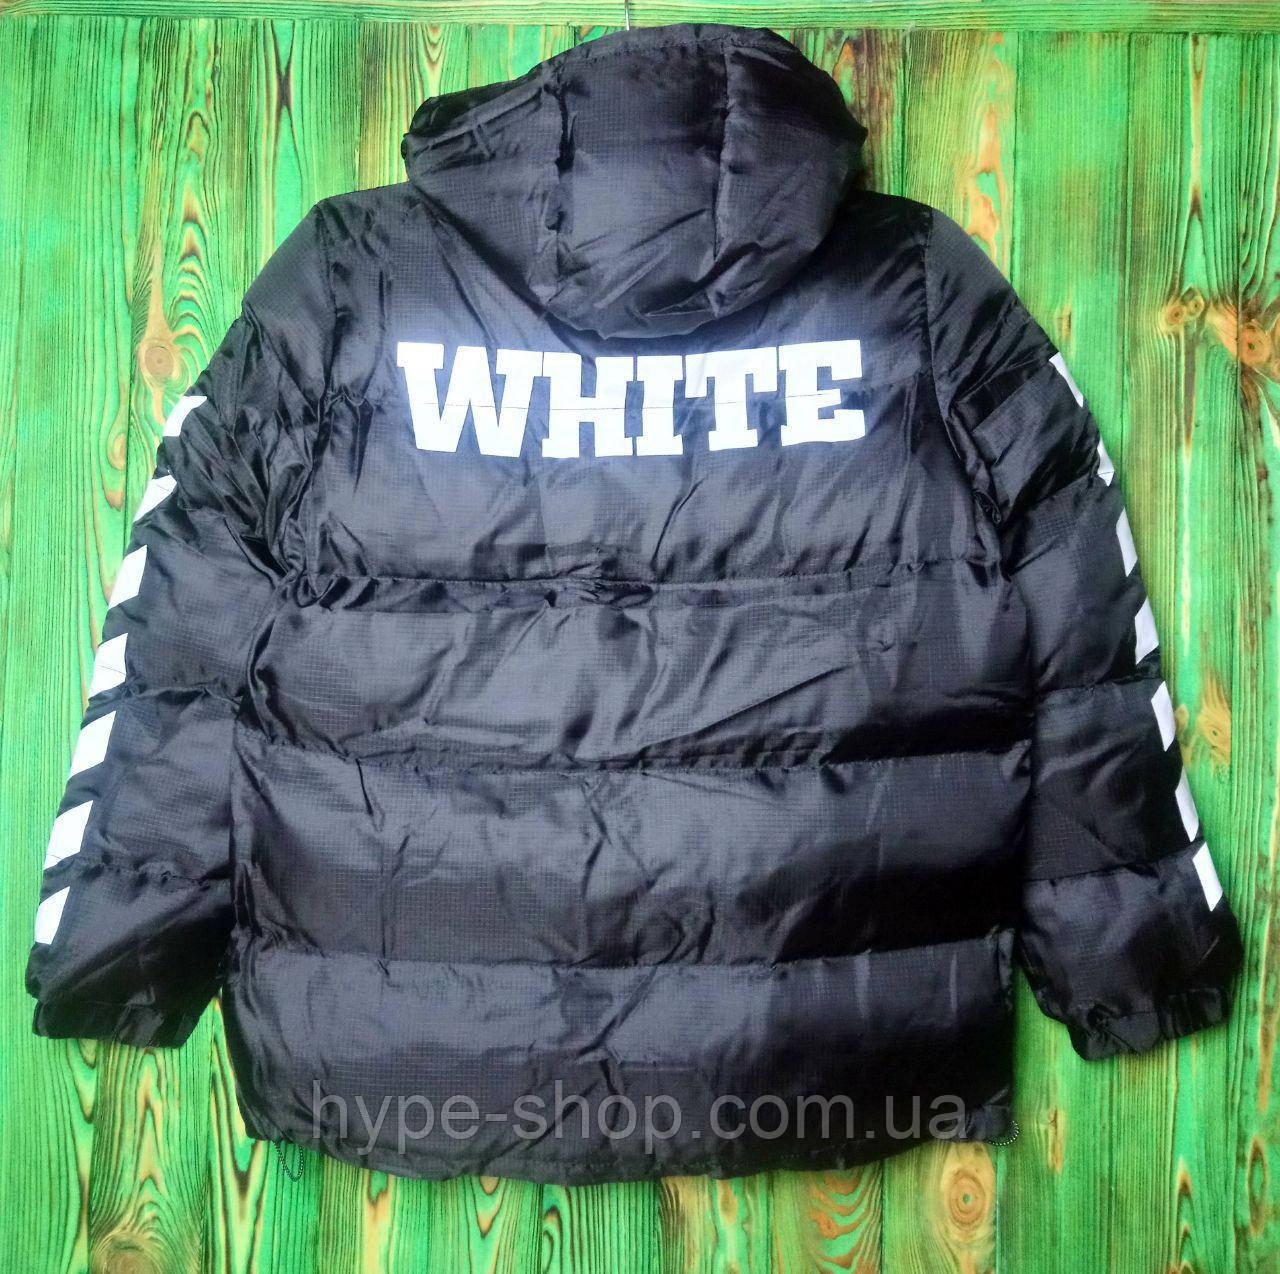 Мужская куртка в стиле Off White | Топовое качество!!